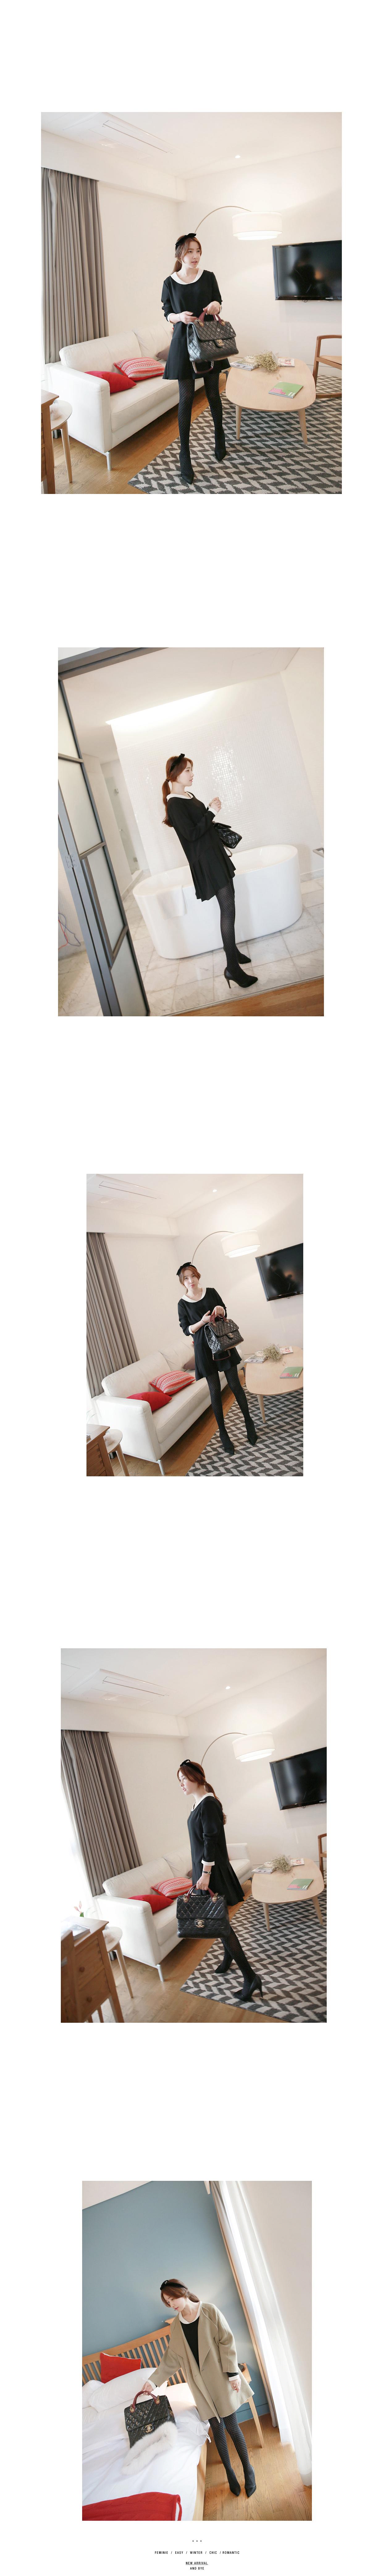 Miamasvin loves u! Womens Clothing. Korean Fashion.